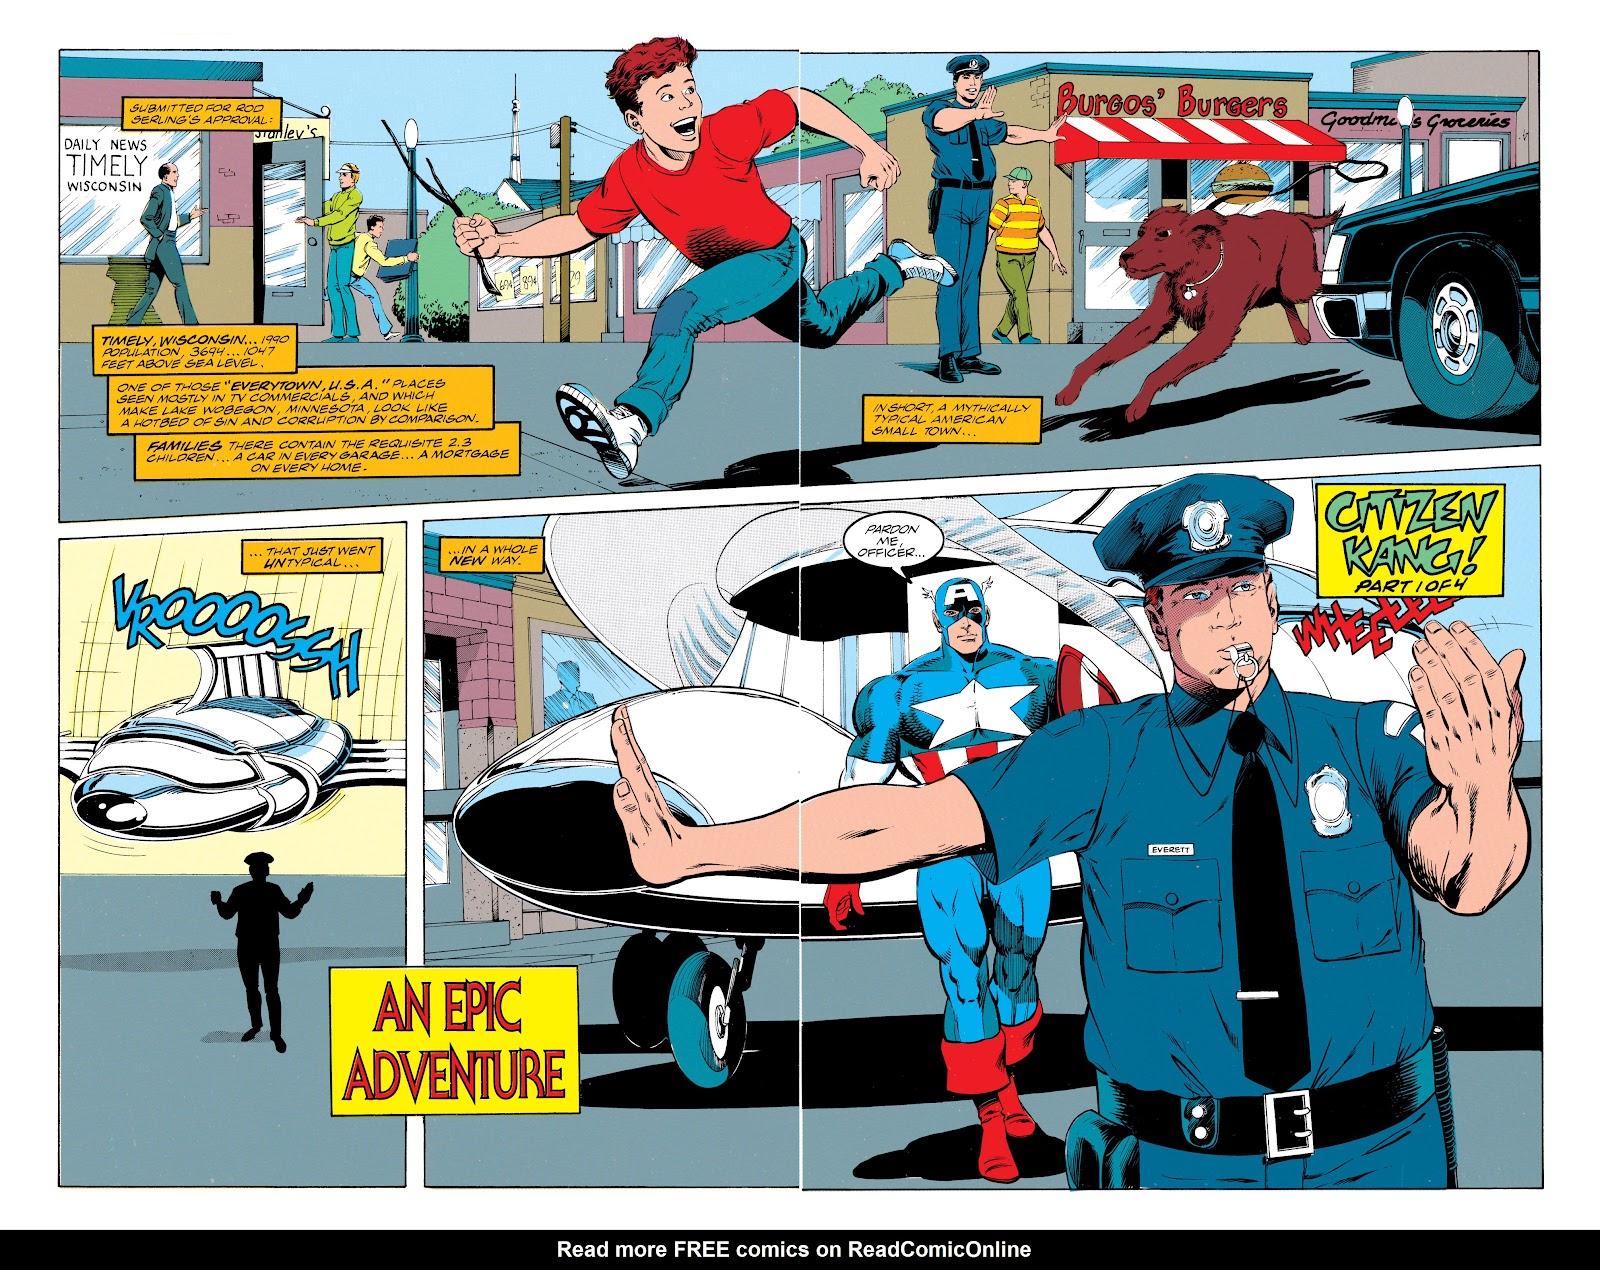 Read online Avengers: Citizen Kang comic -  Issue # TPB (Part 1) - 5